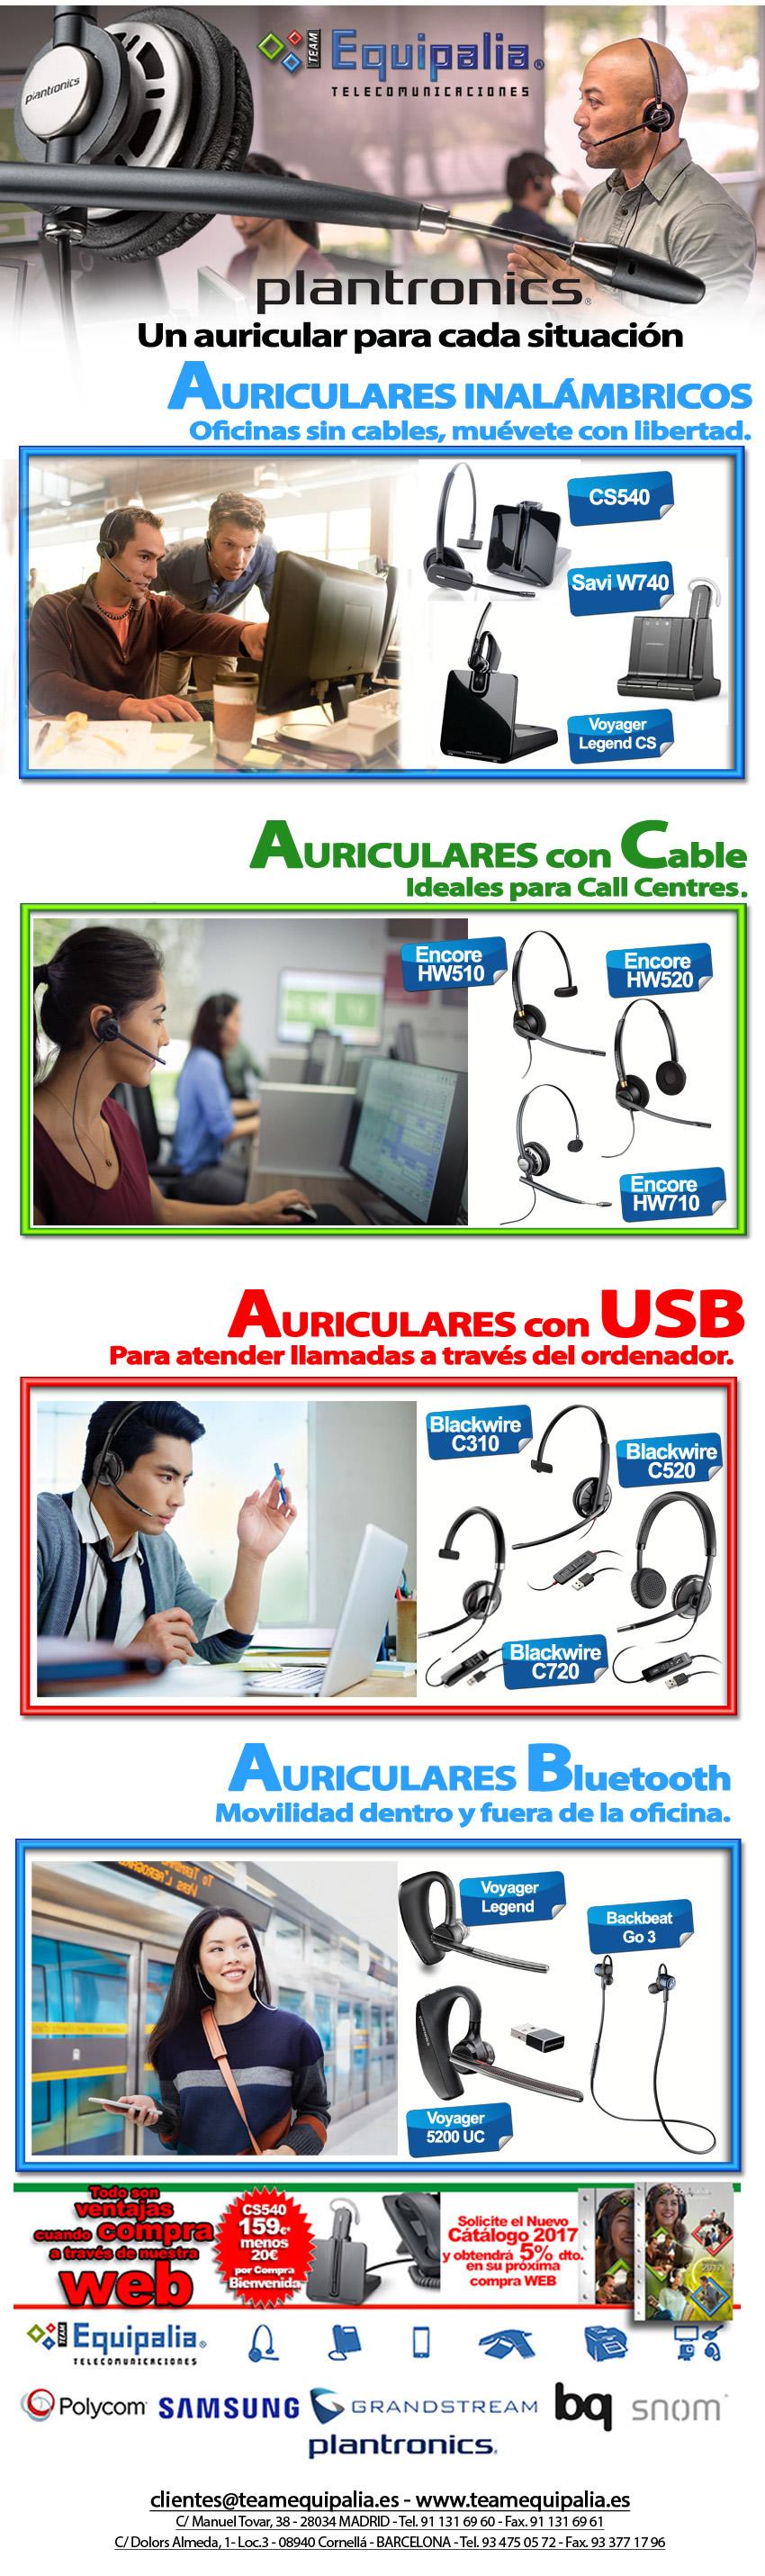 Un auricular plantronics para cada situacion